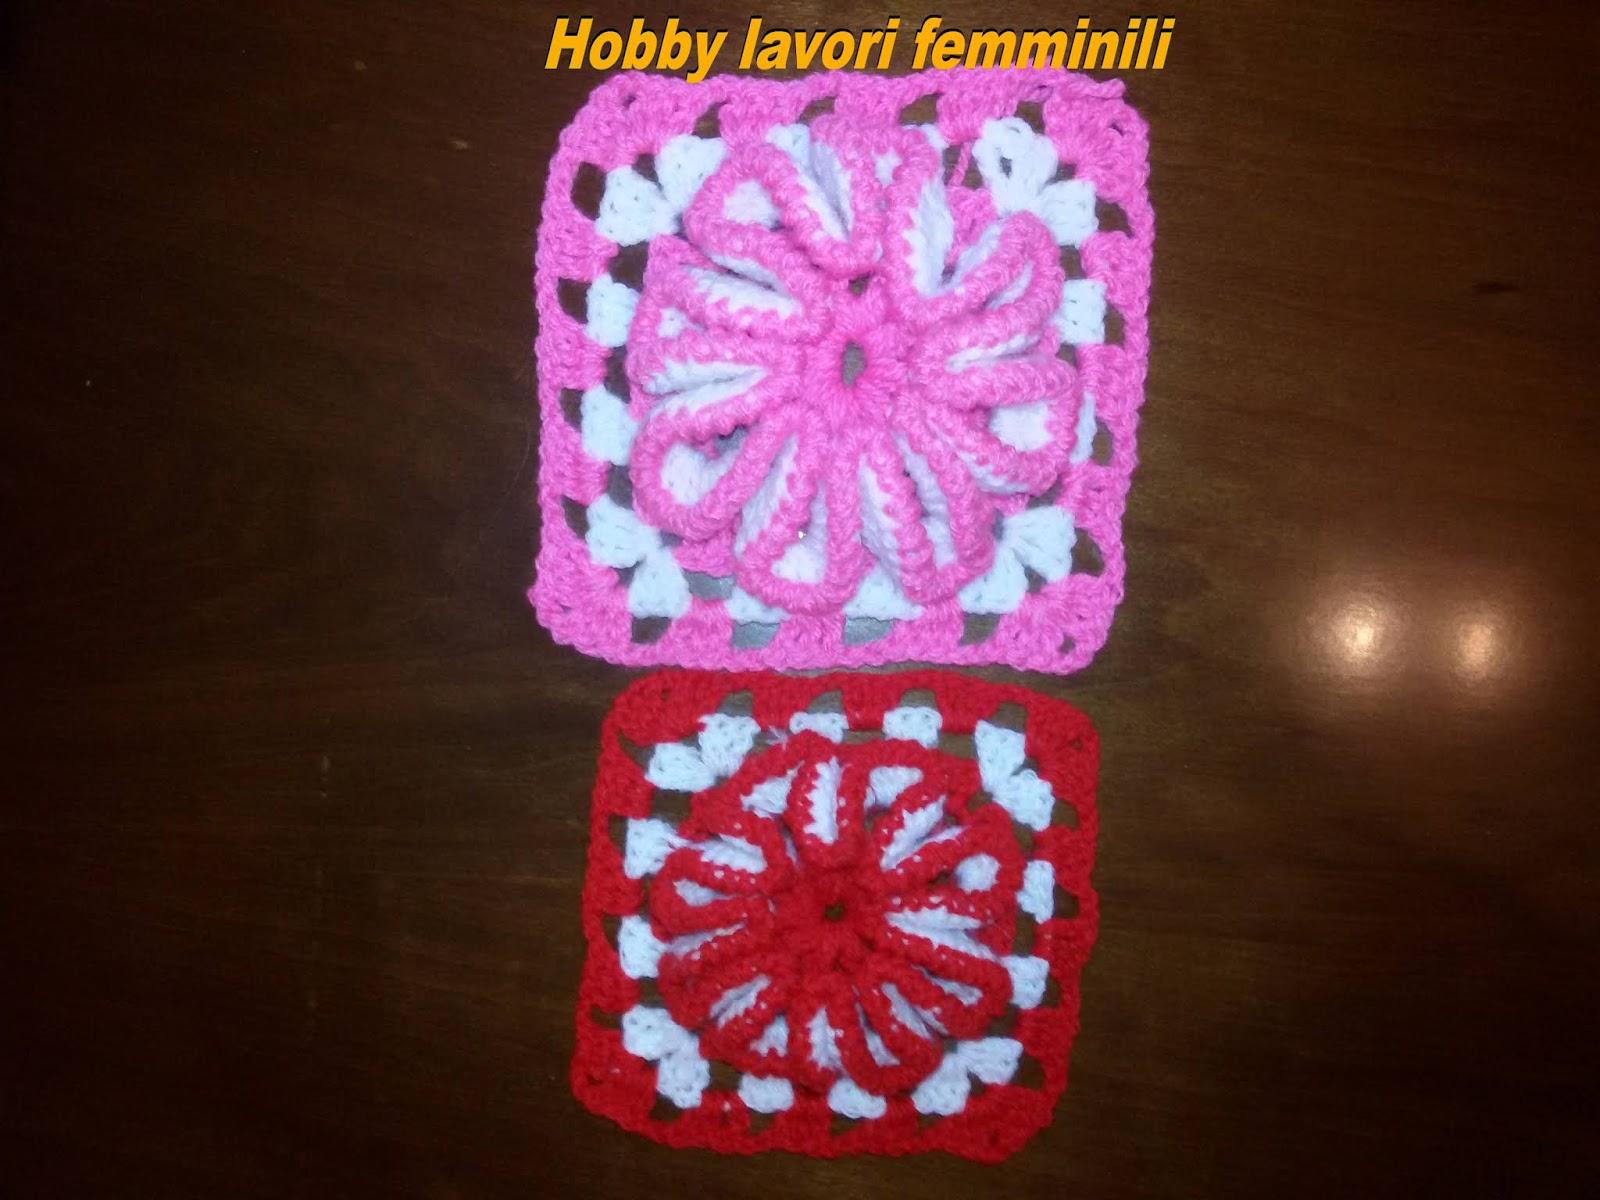 Hobby lavori femminili ricamo uncinetto maglia: piastrella